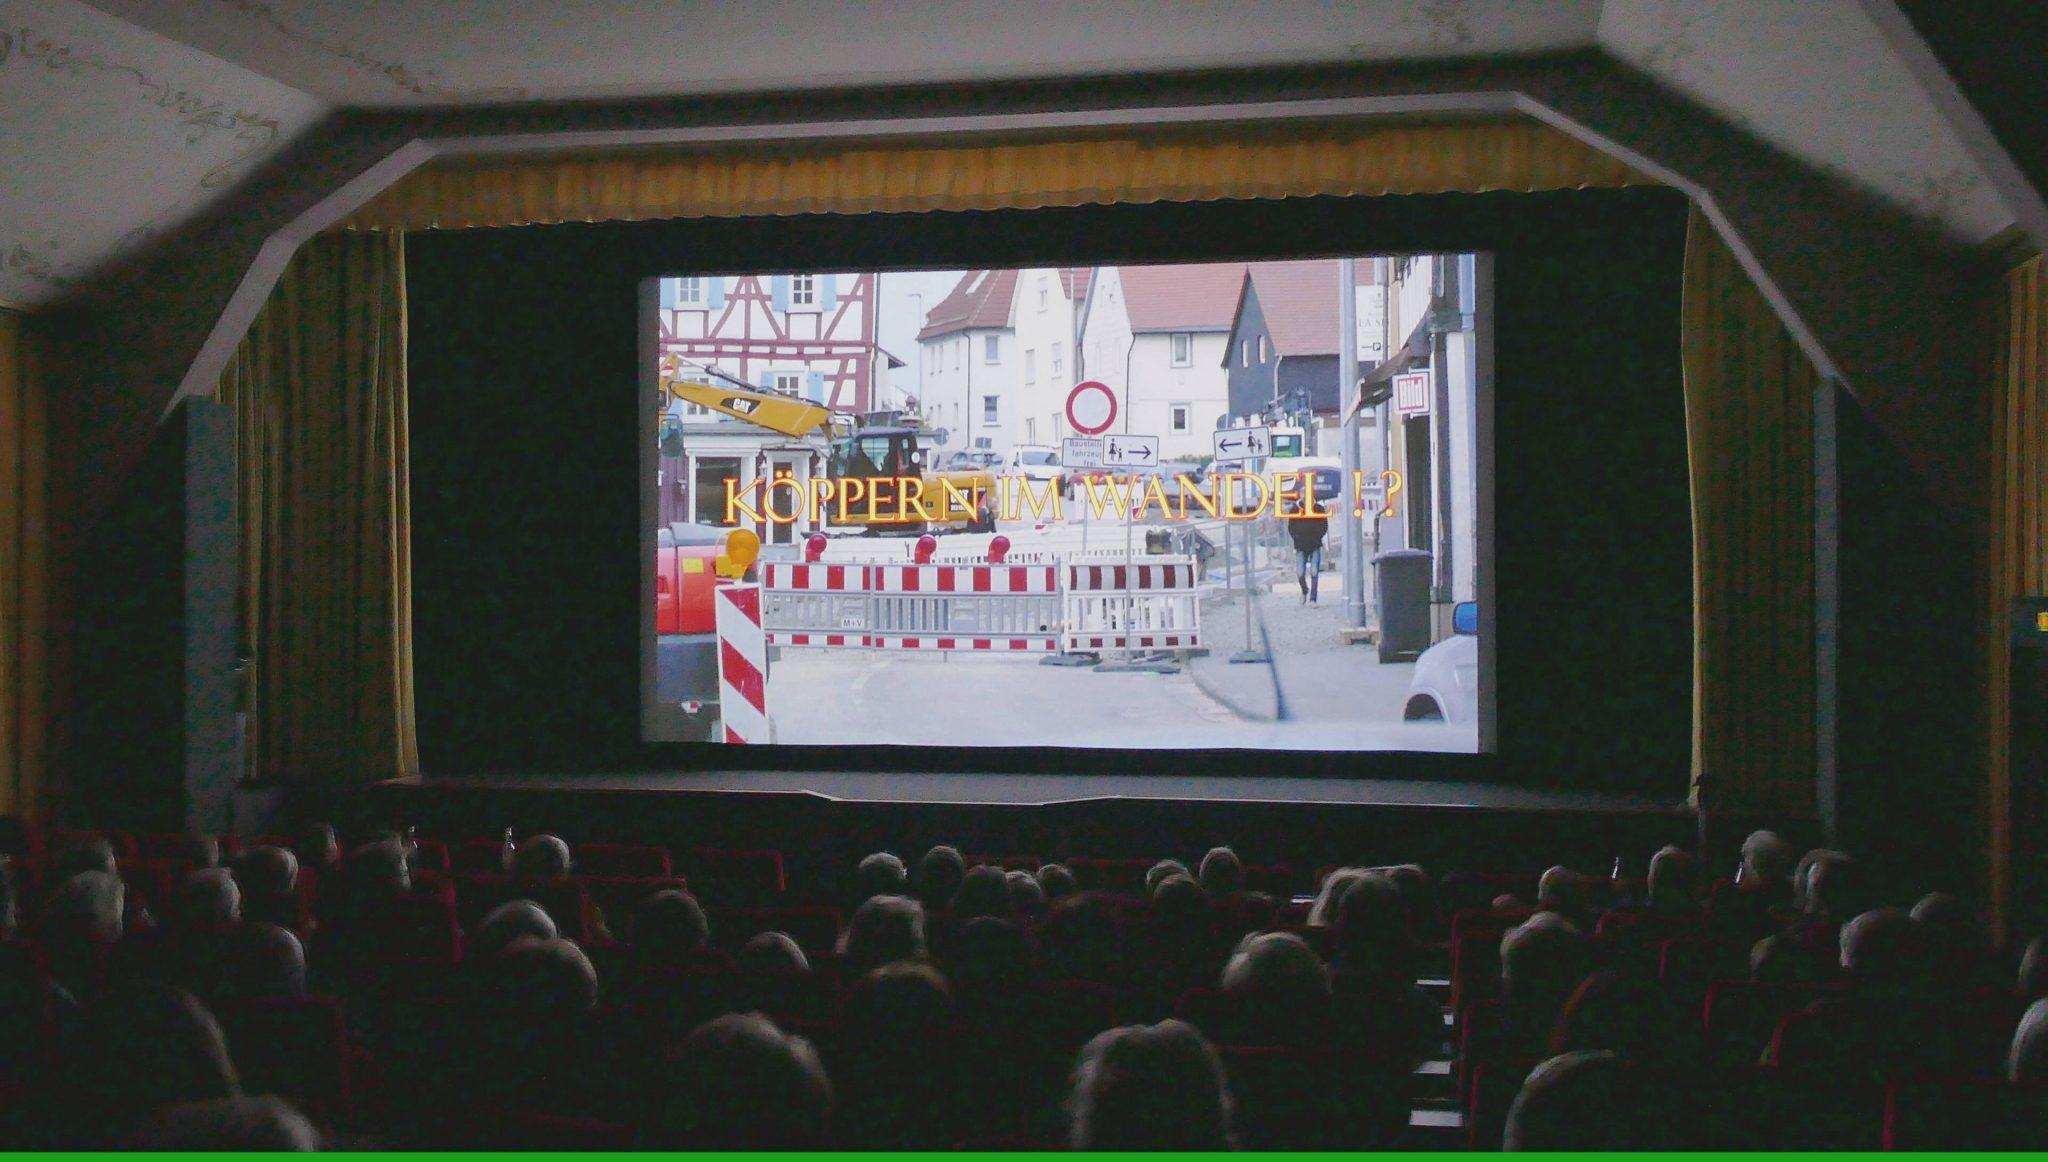 Köppern Kino